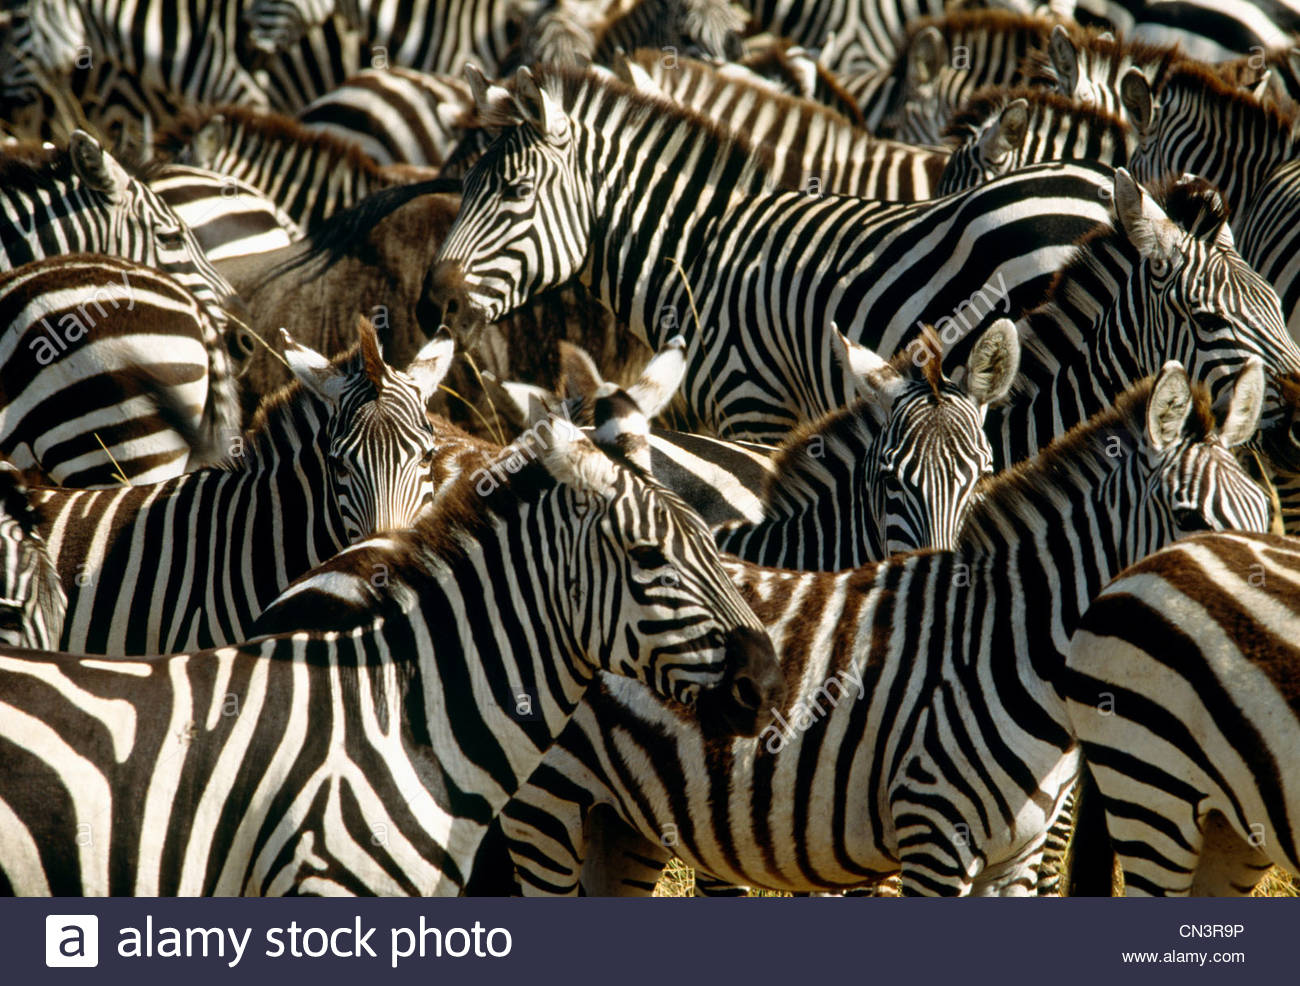 Le zèbre de Grant la migration de masse, Masai Mara National Reserve, Kenya Photo Stock